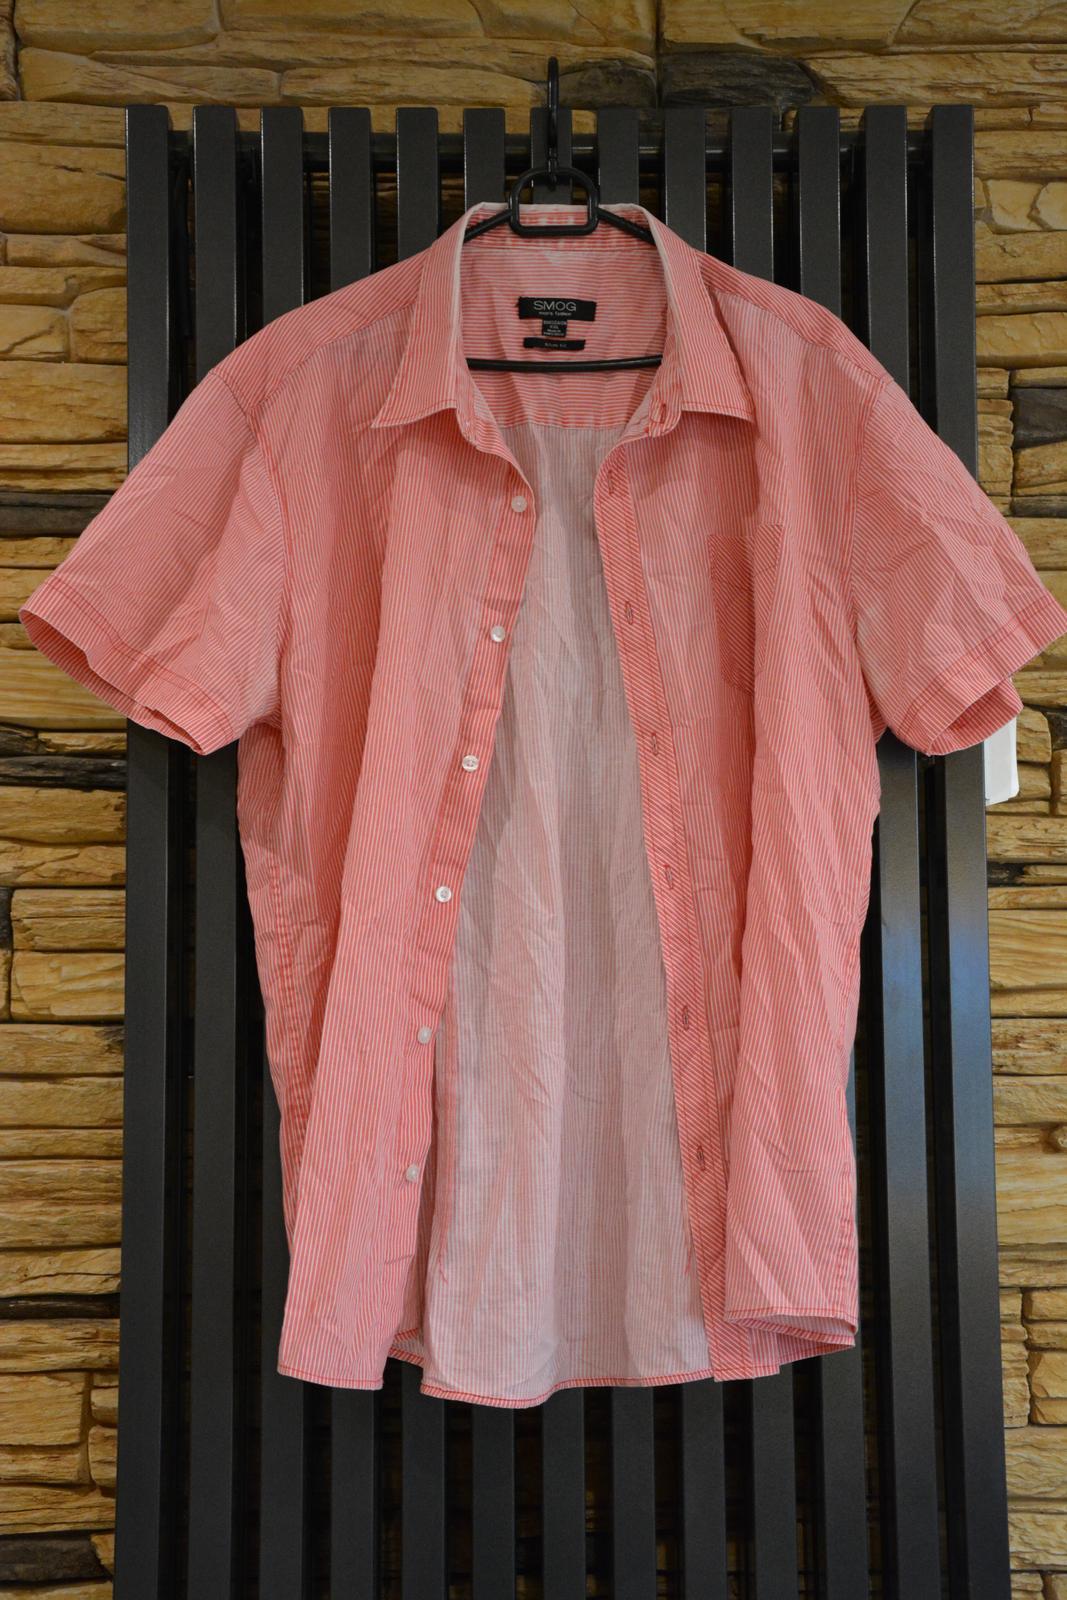 Červená košile s krátkým rukávem a bílým proužkem - Obrázek č. 1